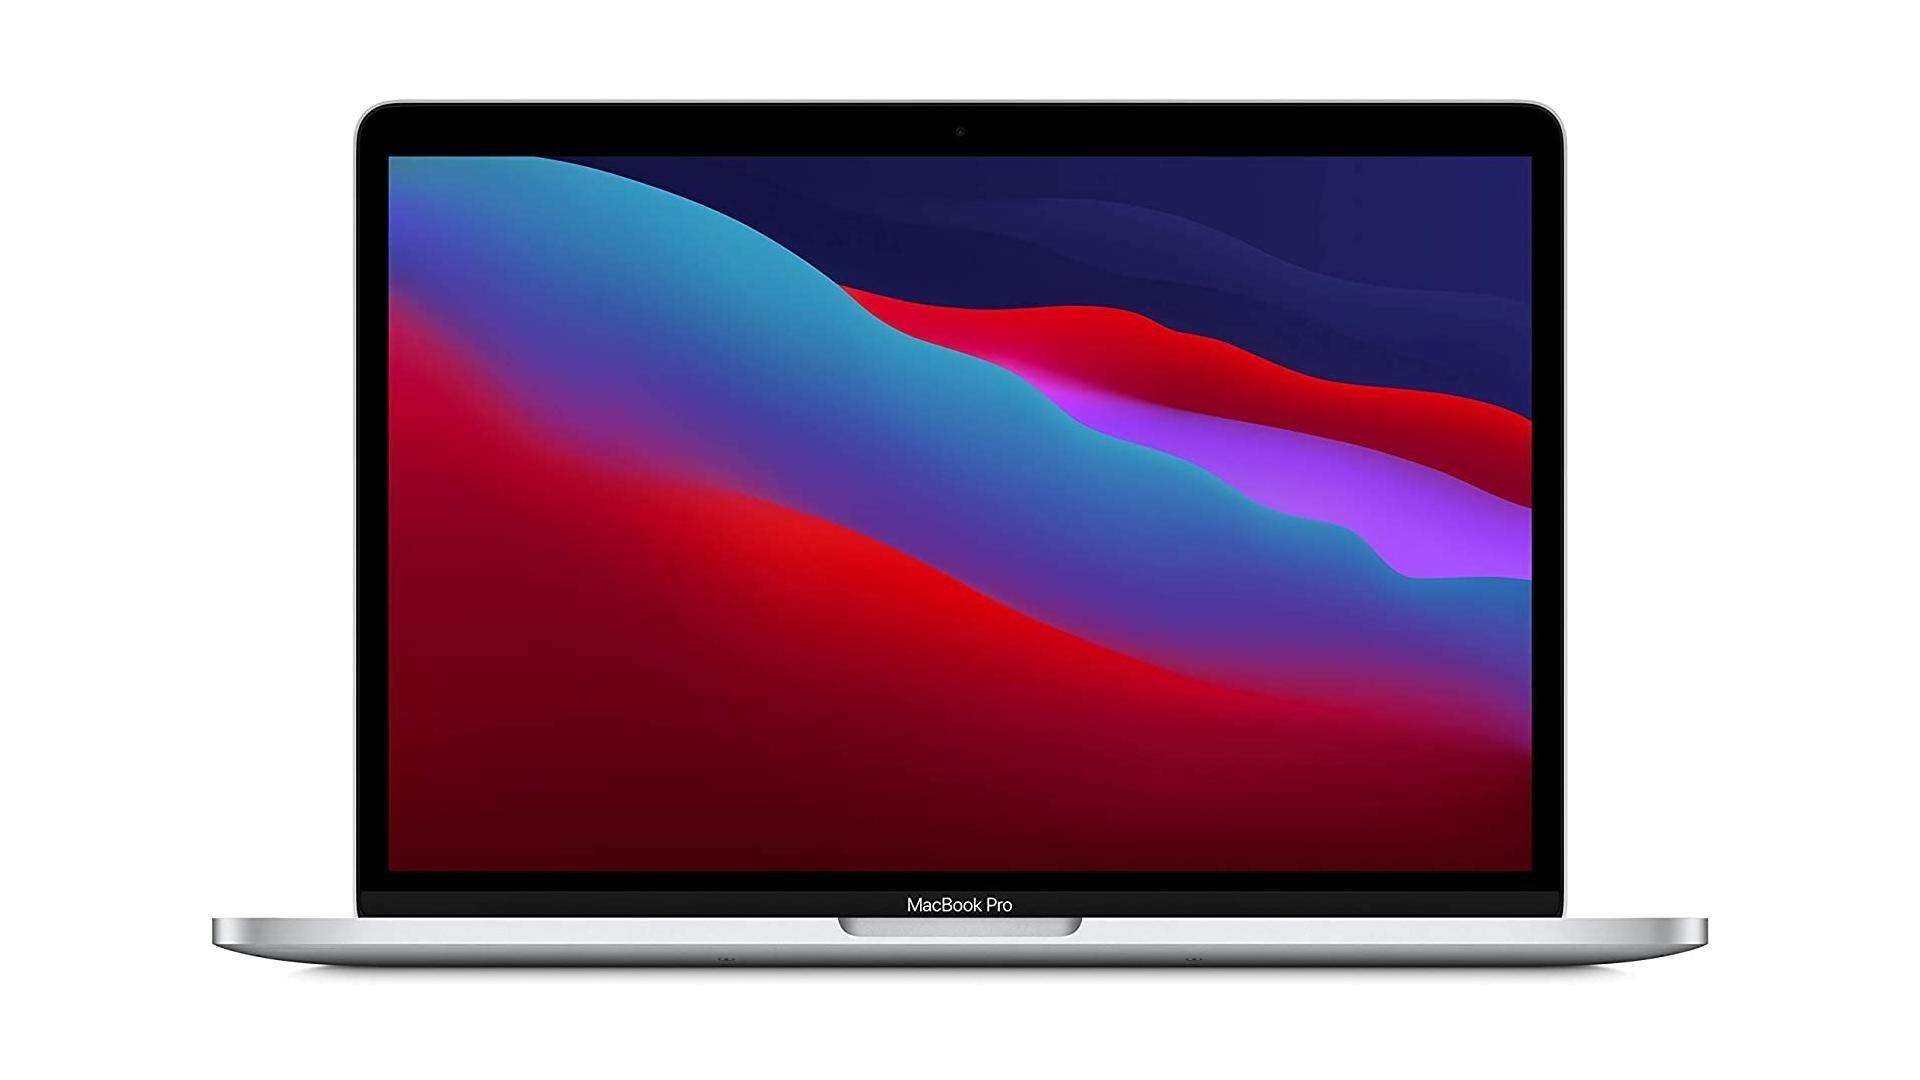 Le dernier et surpuissant MacBook Pro M1 est sous les 1400 euros